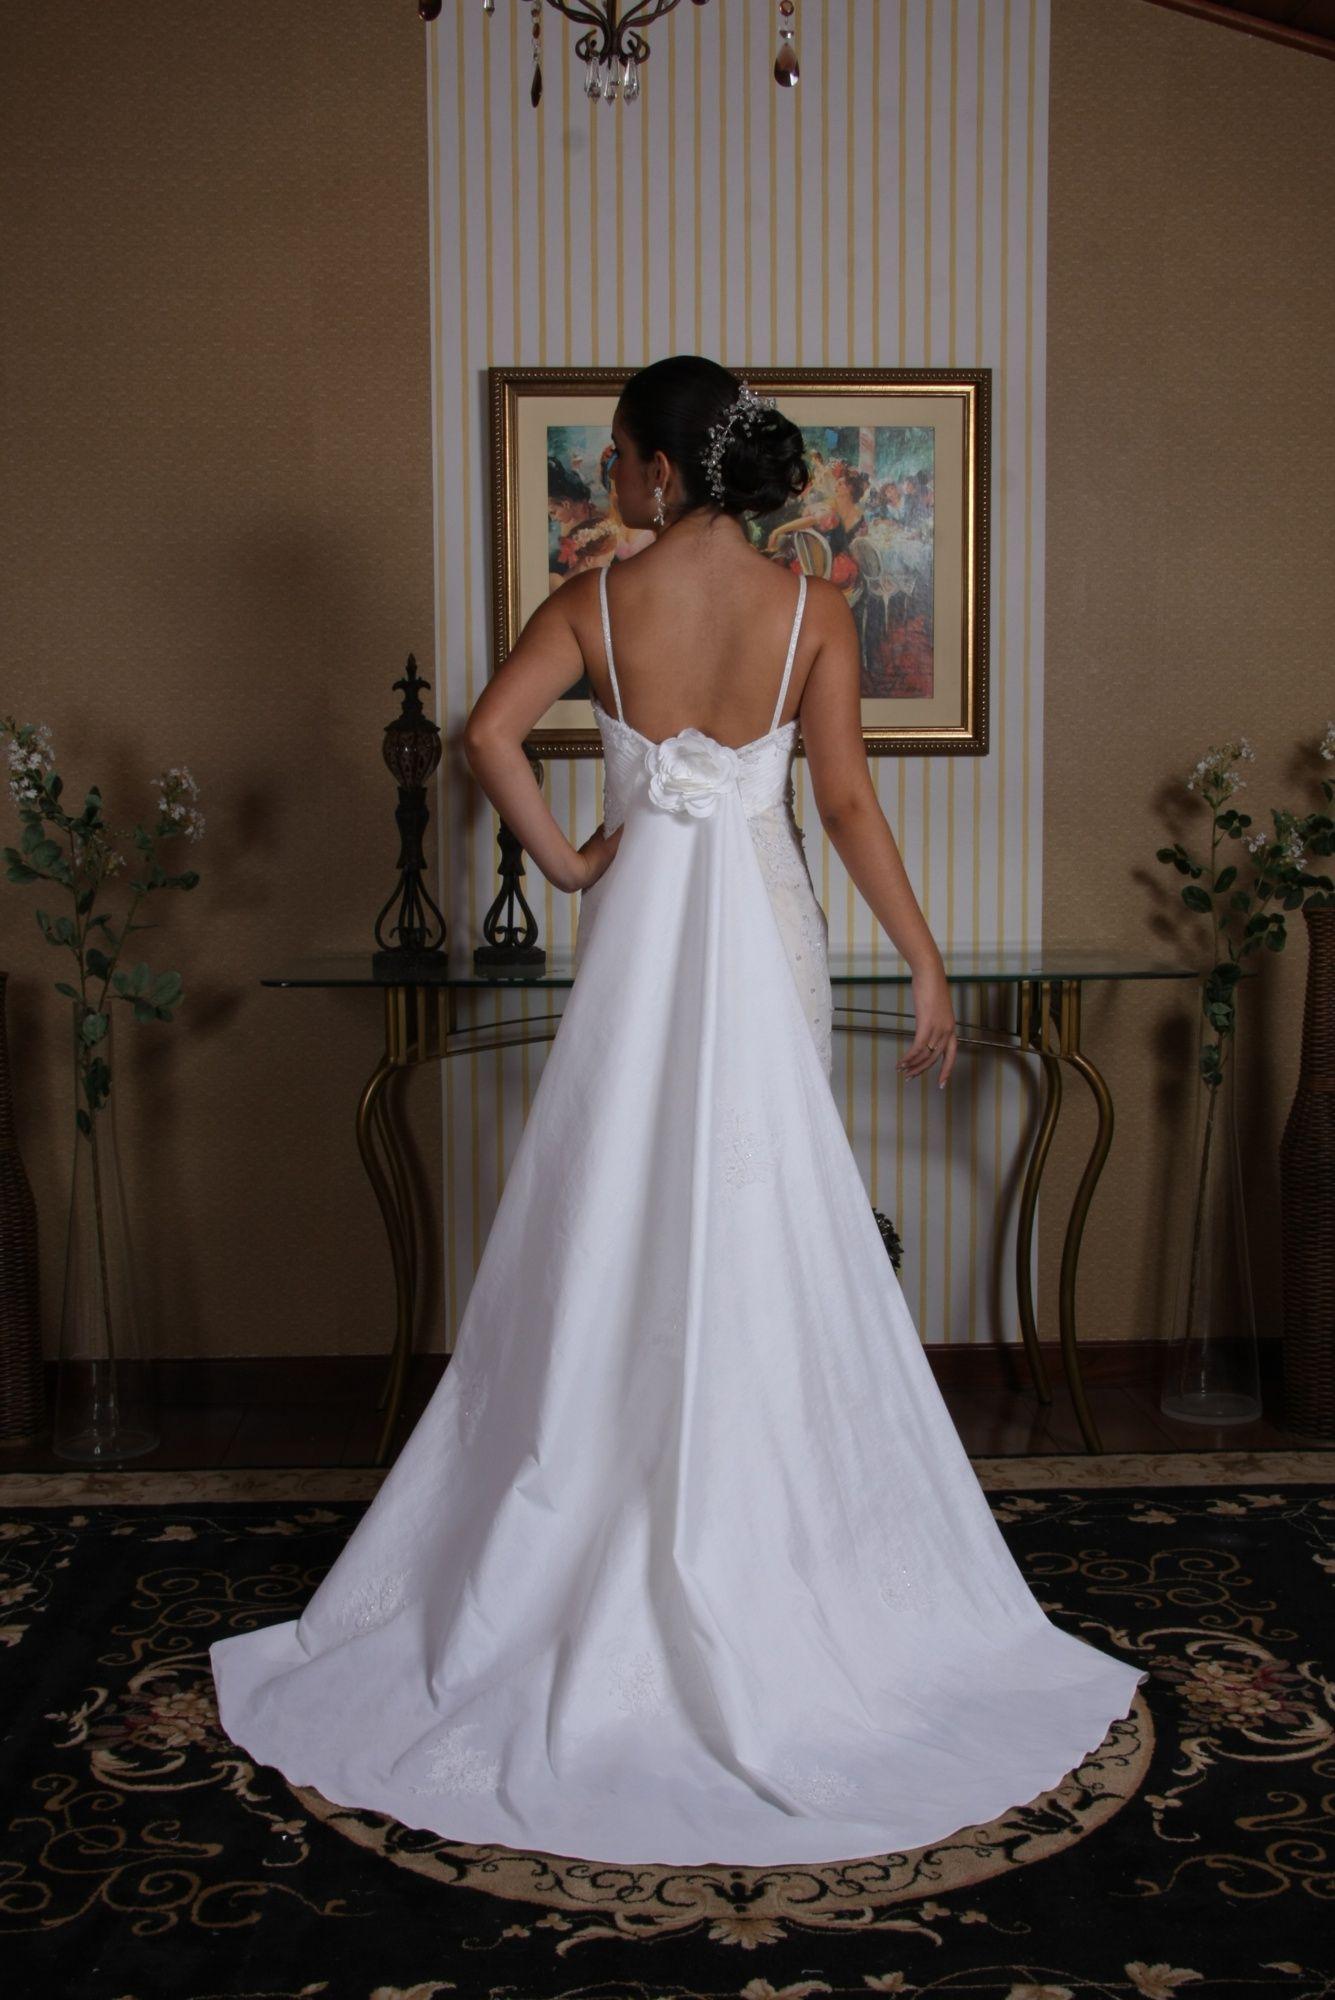 Vestido de Noiva Princesa - 7 - Hipnose Alta Costura e Spa para Noivas e Noivos - Campinas - SP Vestido de Noiva, Vestido de Noiva Princesa, Hipnose Alta Costura